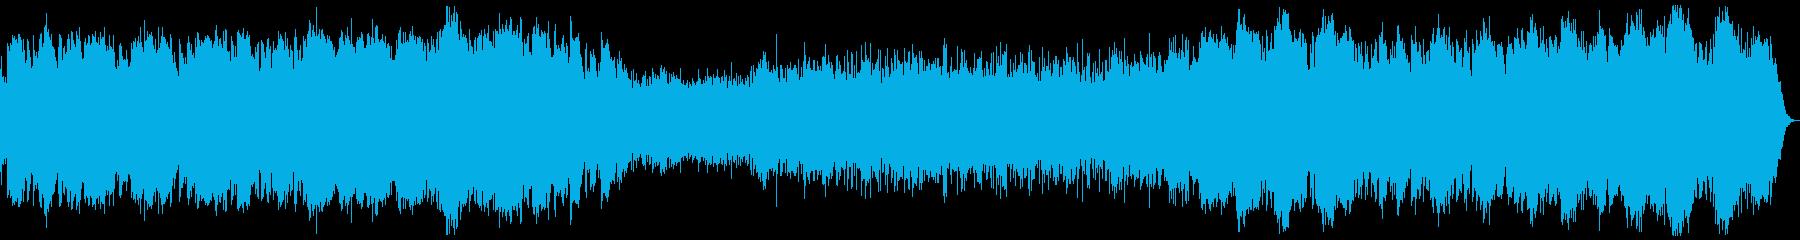 無物質を表したようなヒーリング系BGMの再生済みの波形